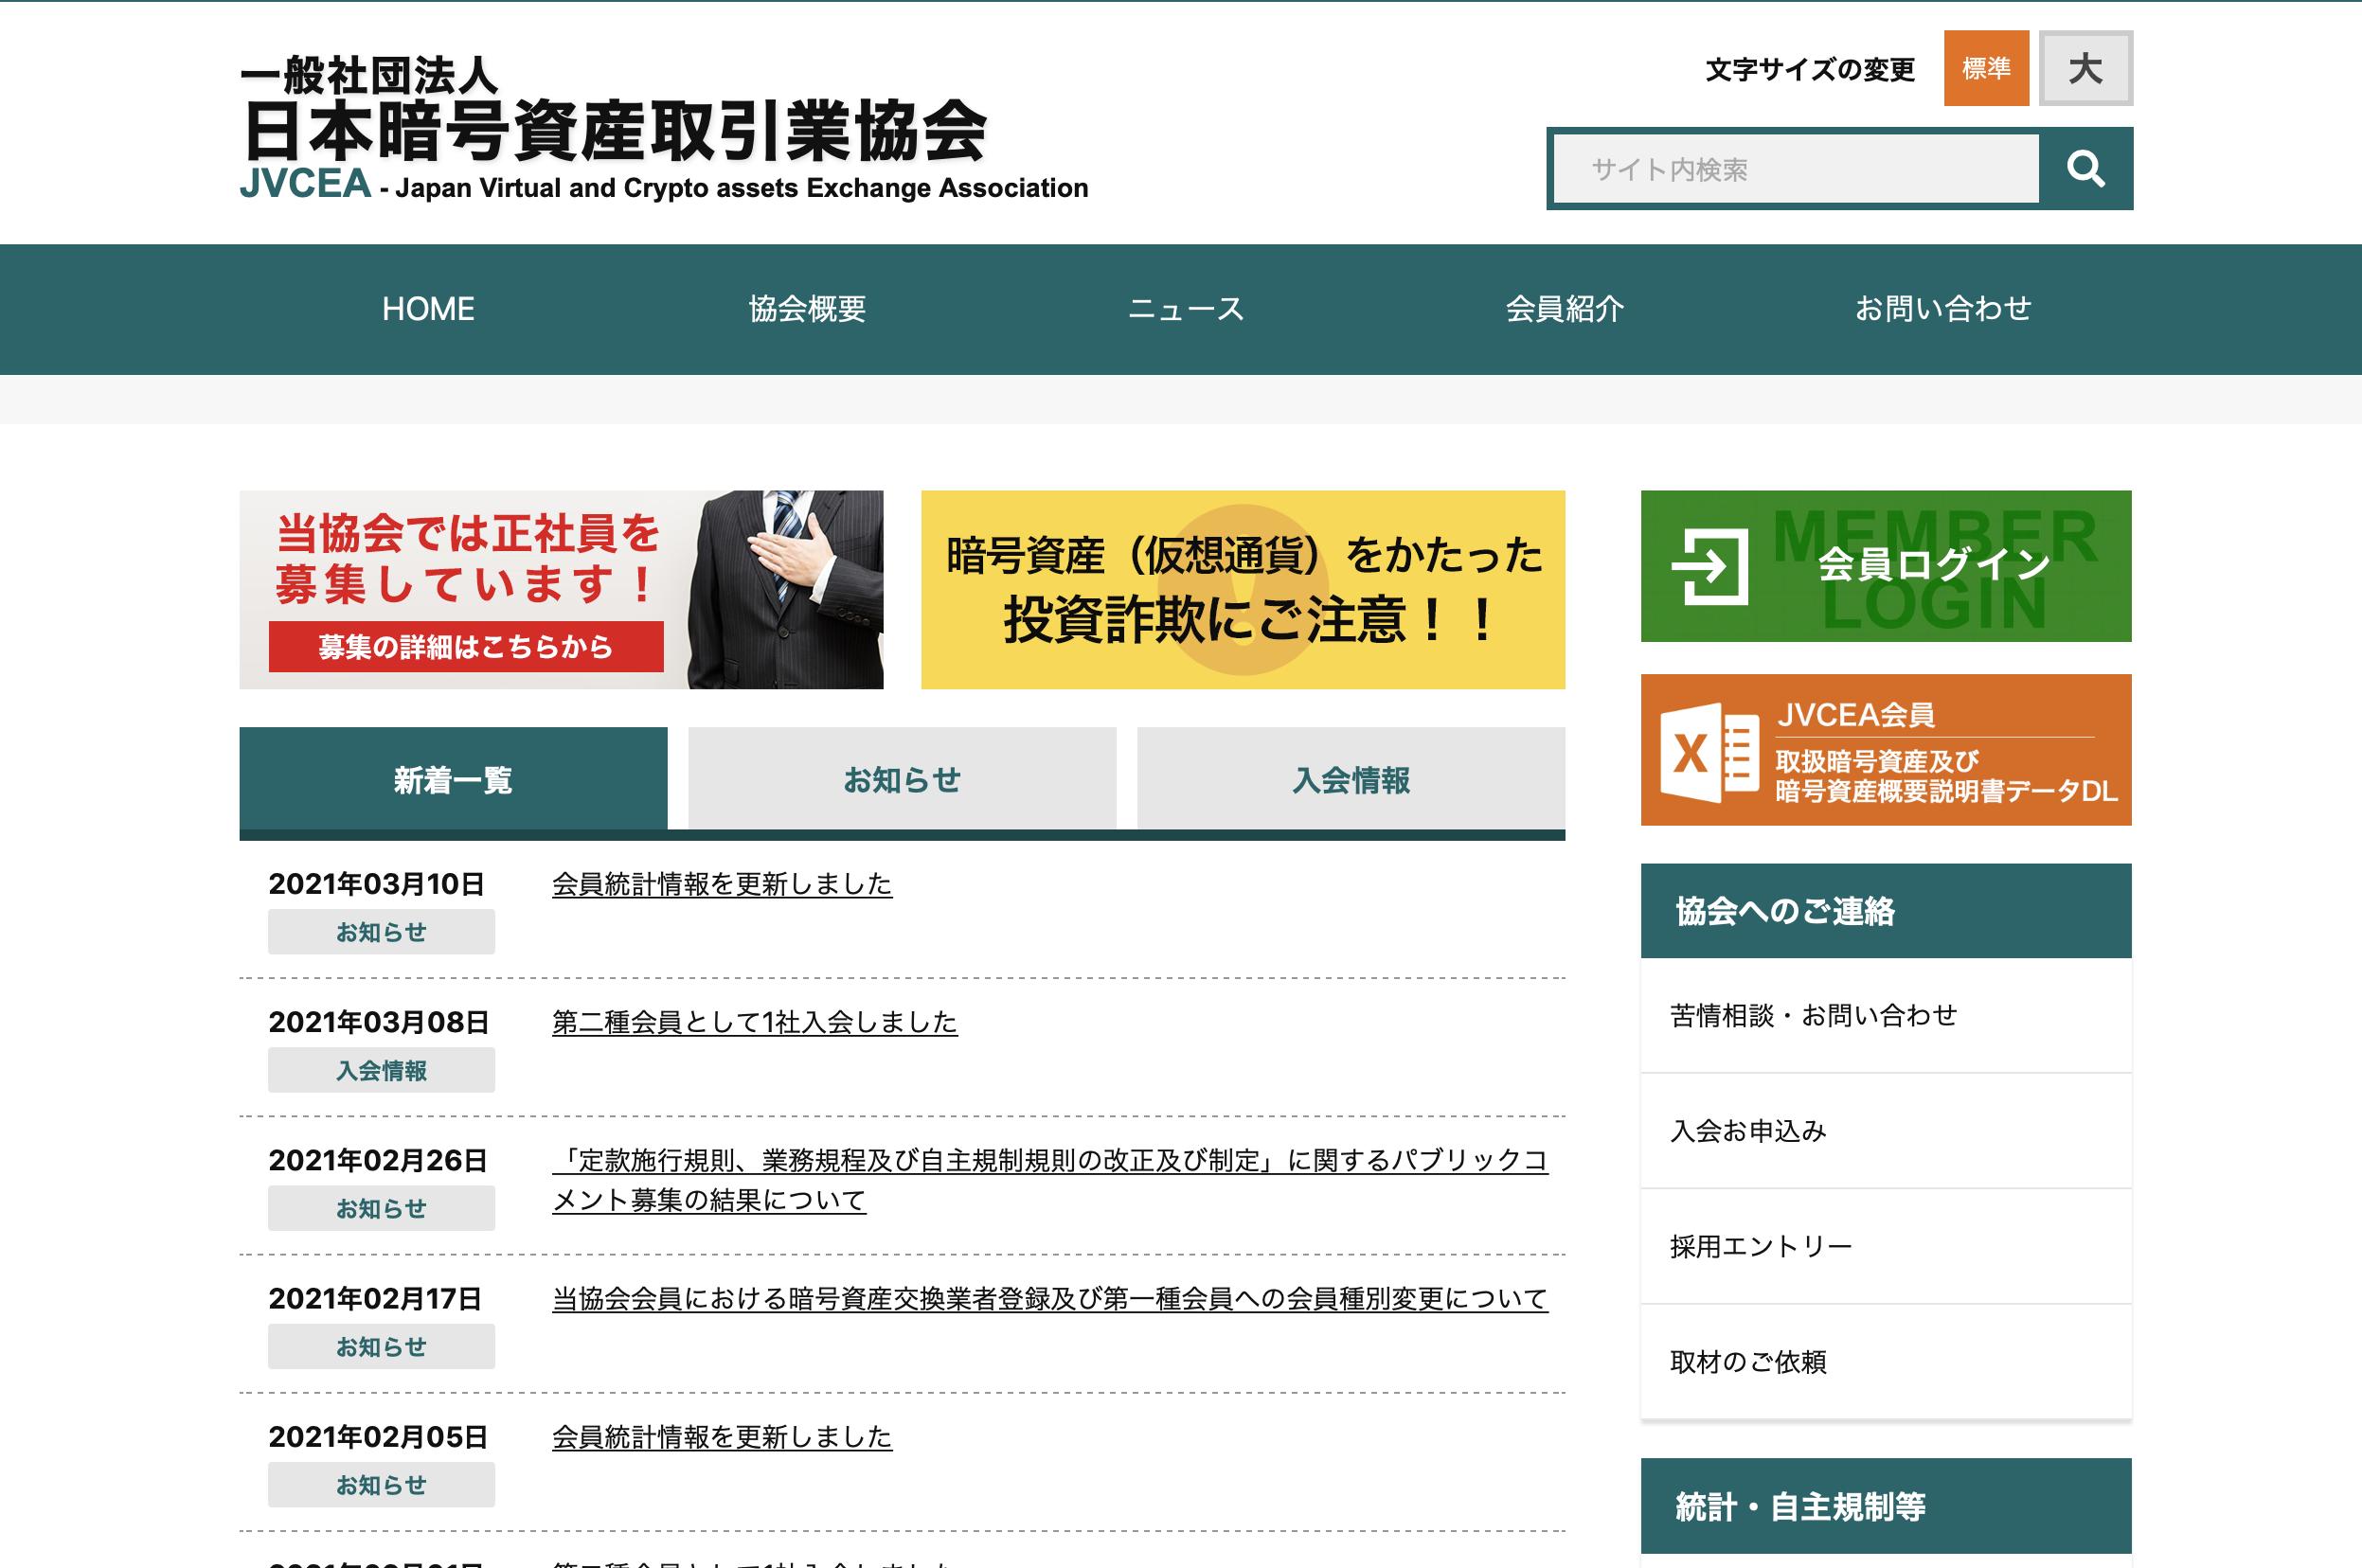 一般社団法人日本暗号資産取引業協会(JVCEA)